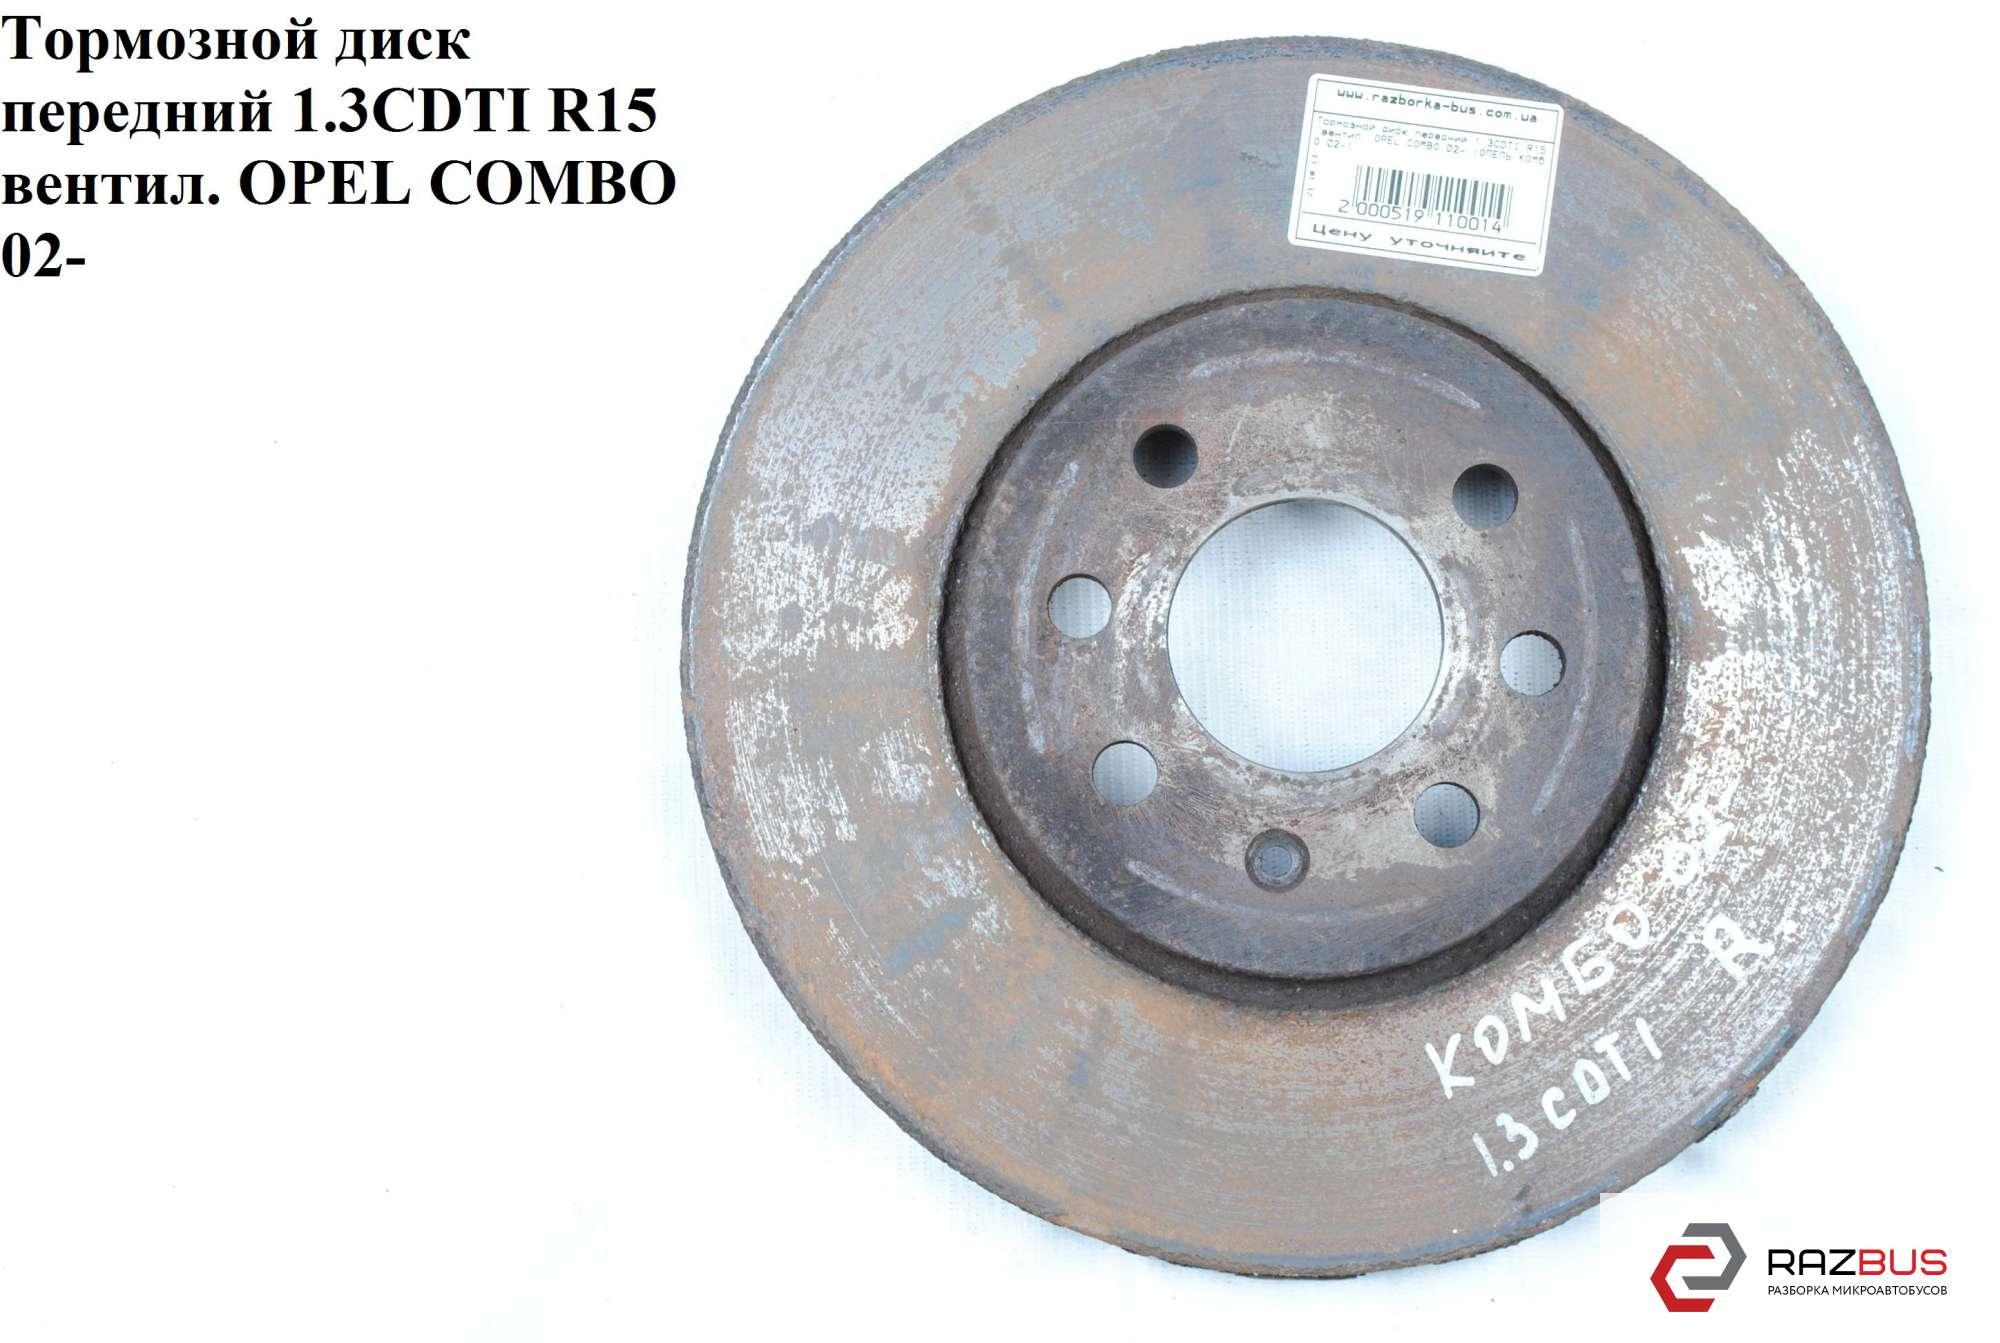 0569006, 93175376 Тормозной диск передний вент D280 4 болта OPEL COMBO 2001-2011г